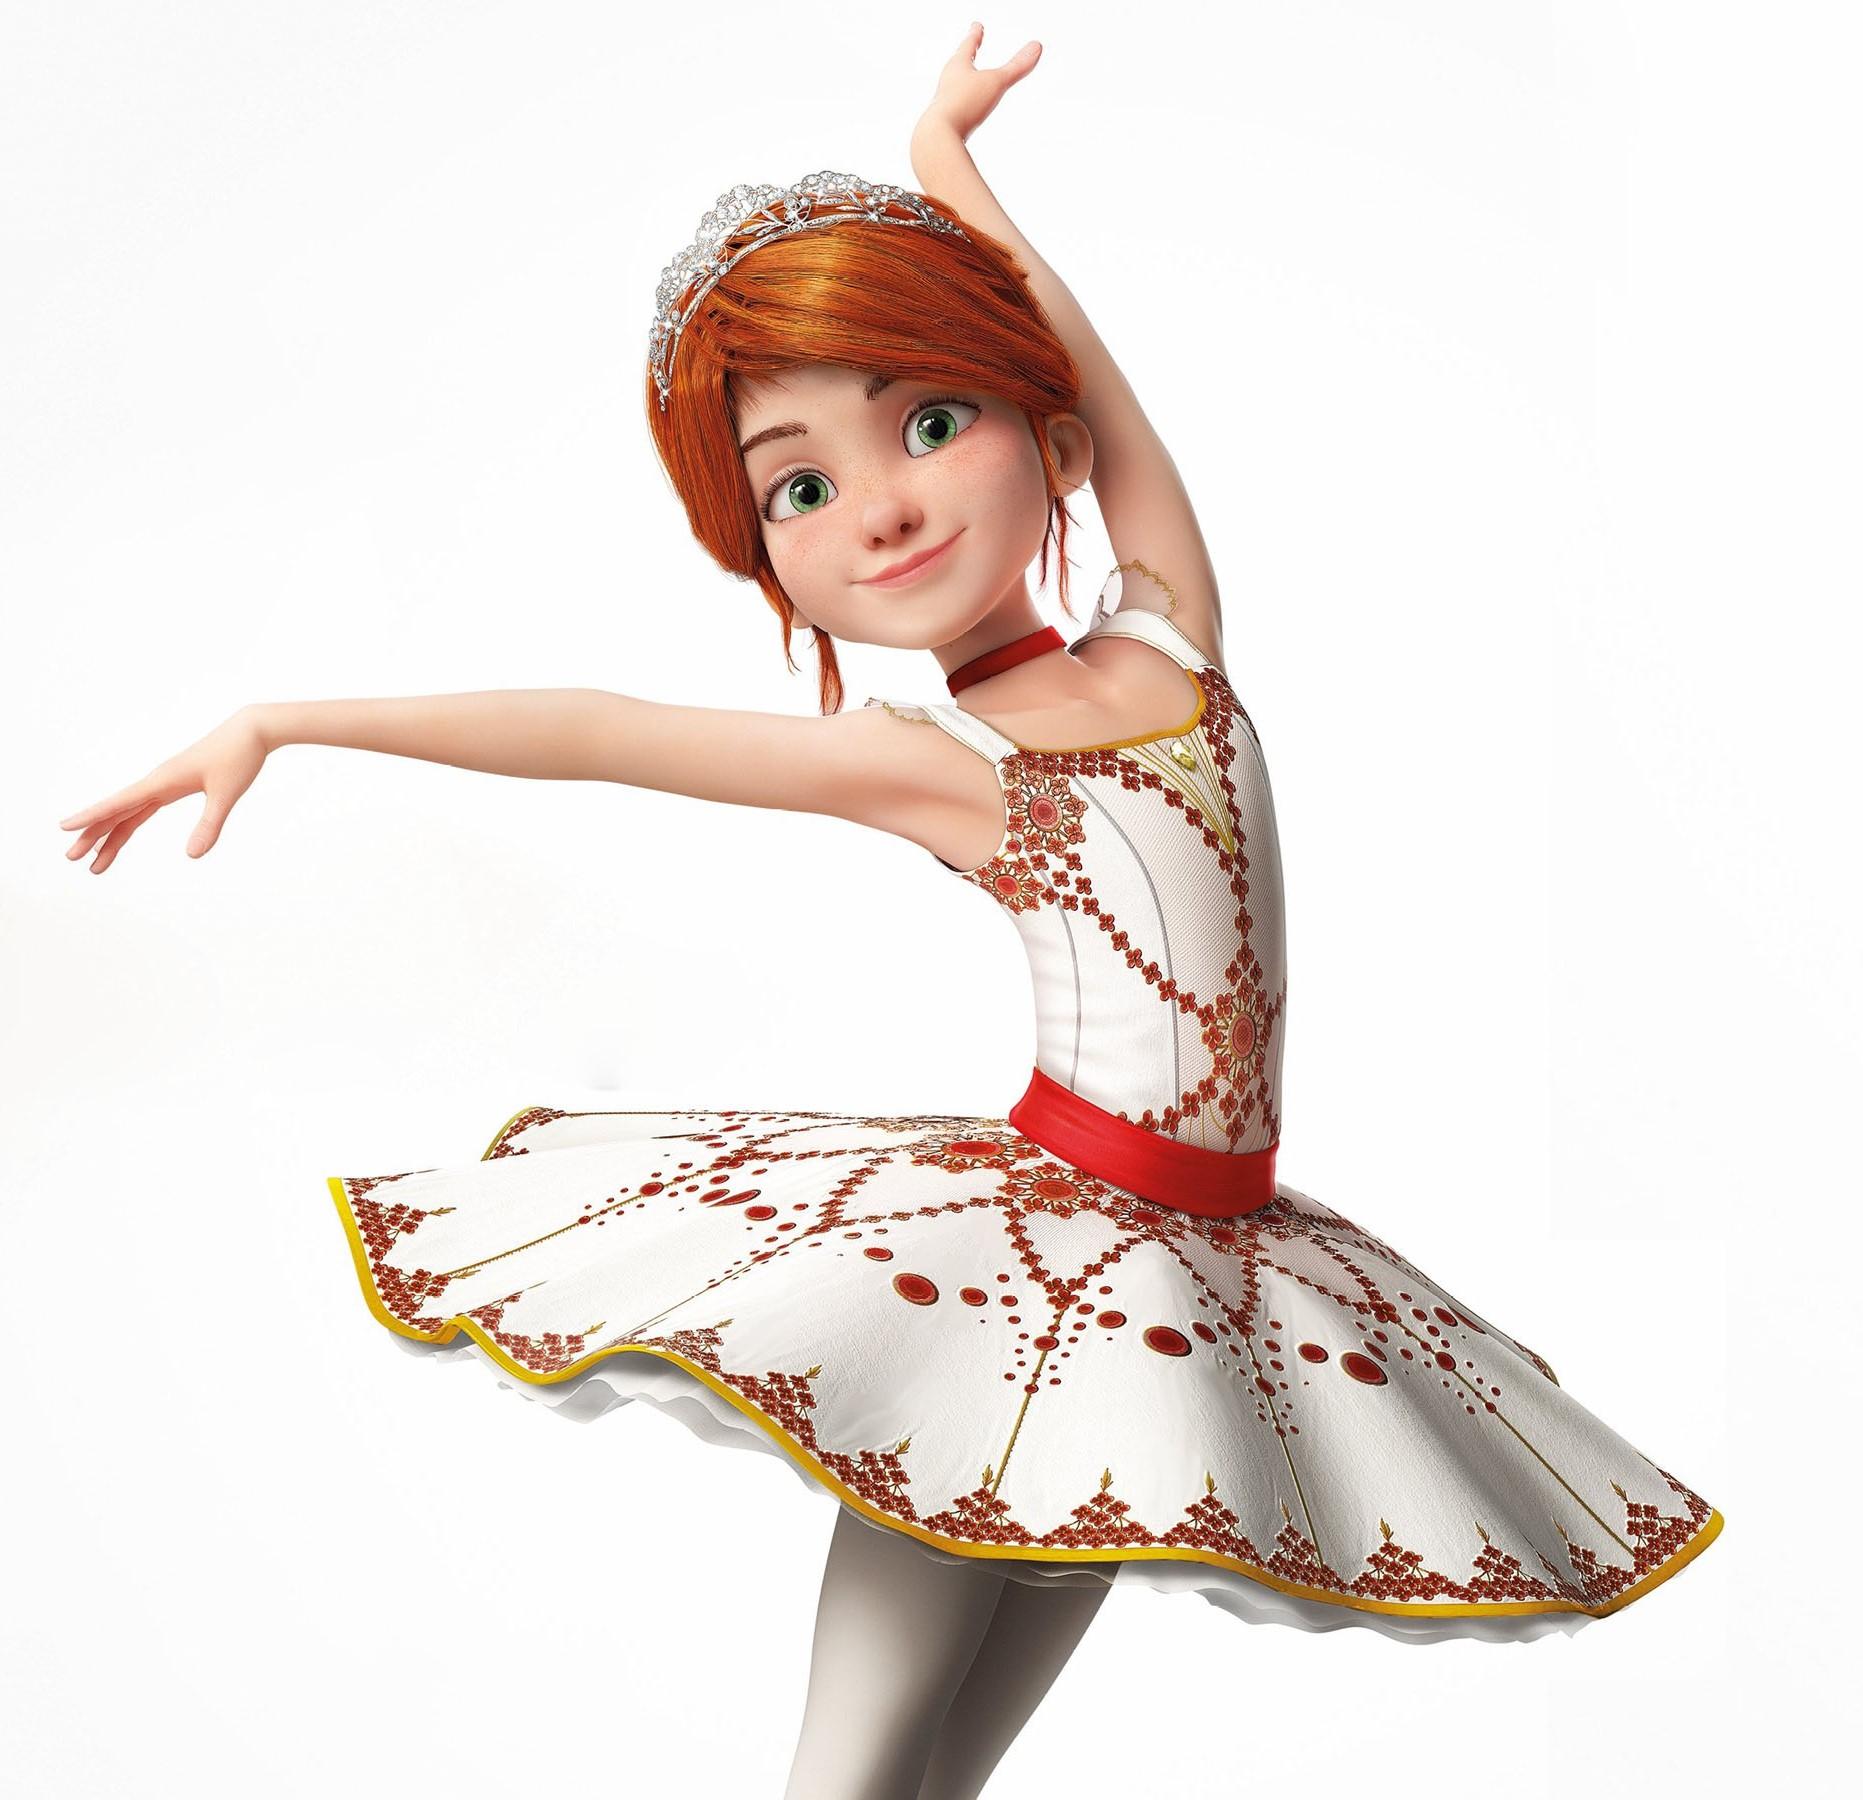 Saggio di danza - la bellaaddormentata